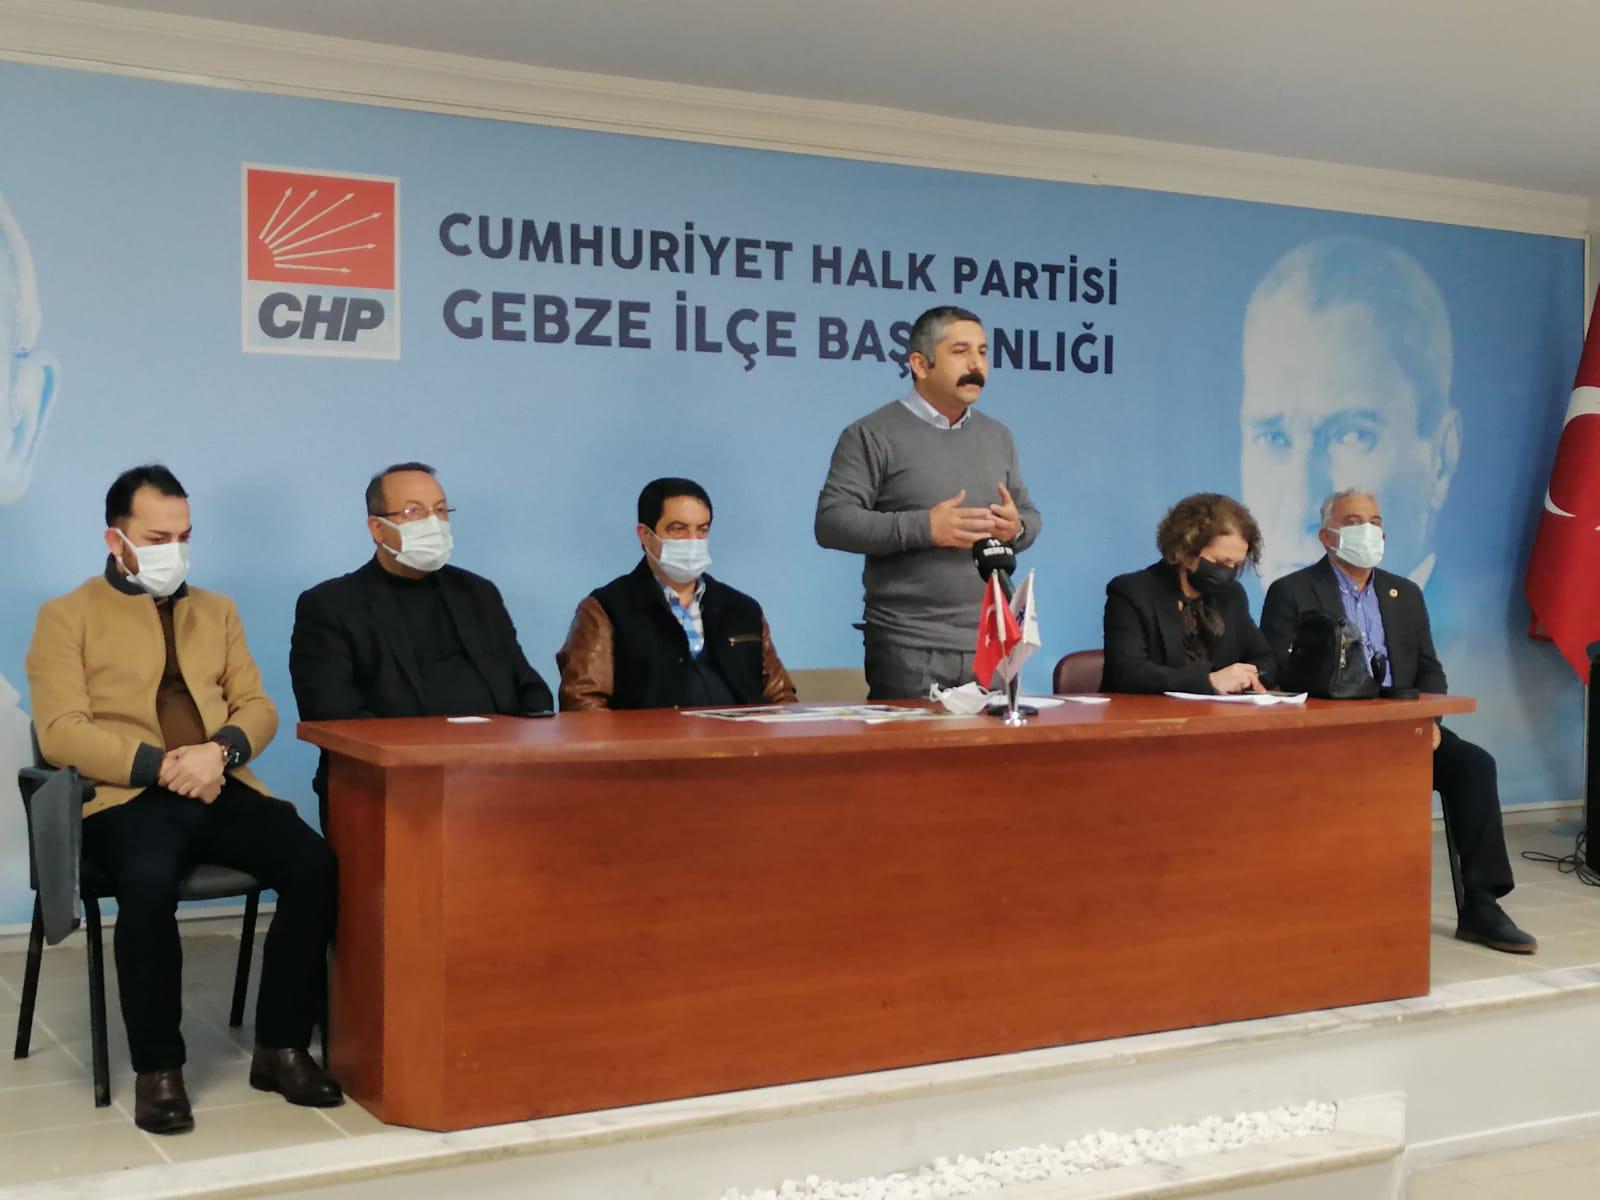 CHP Gebze İlçe Başkanı Gökhan Orhan basın toplantısı düzenledi